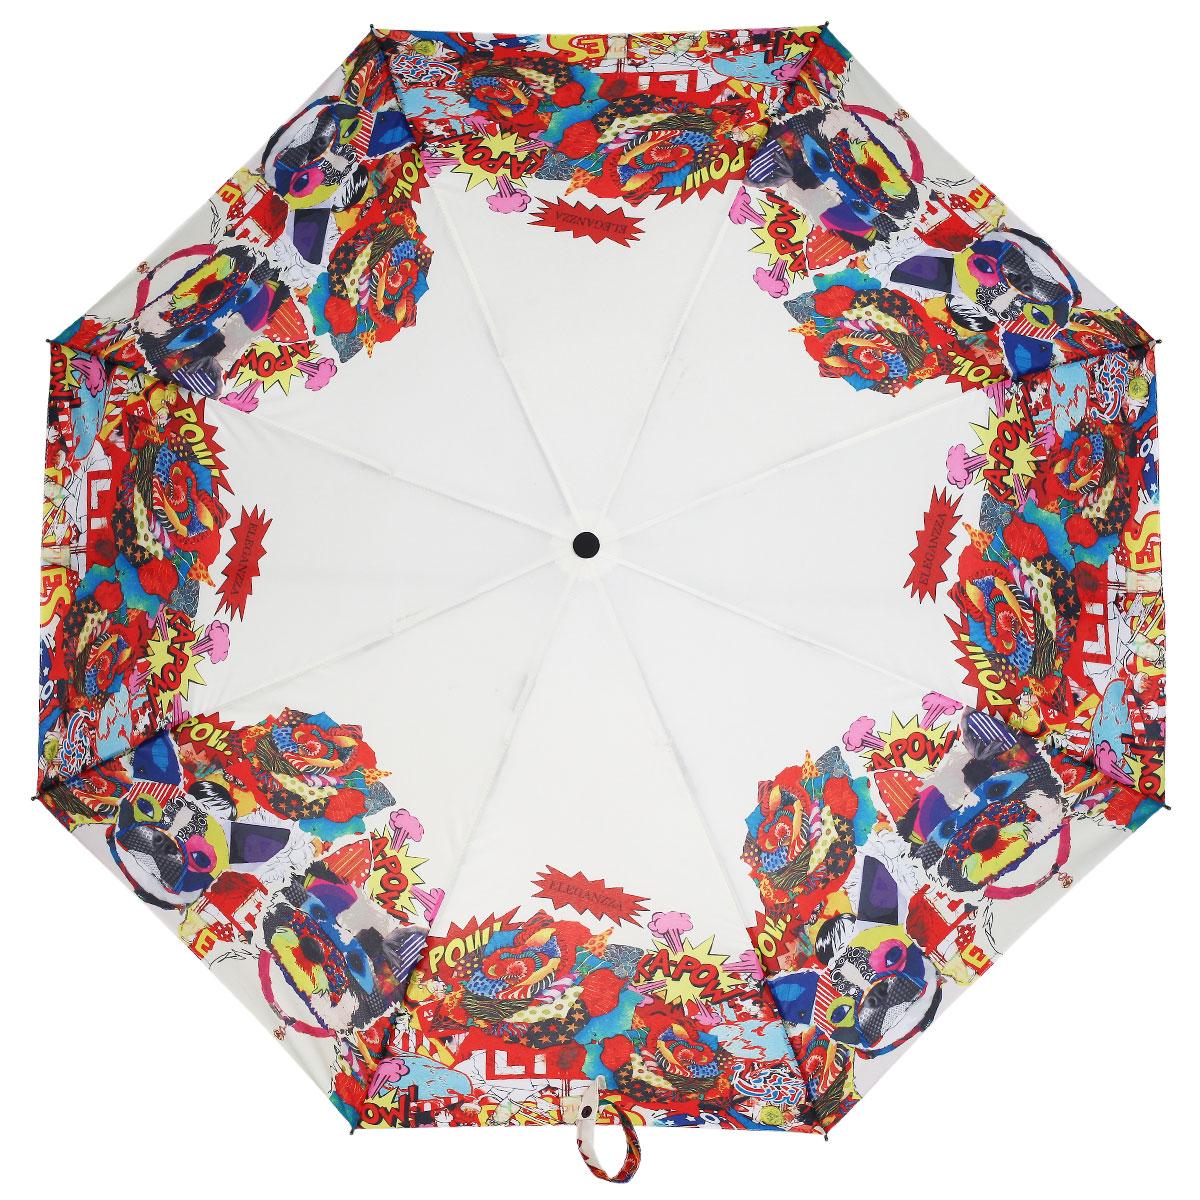 Зонт женский Eleganzza, автомат, 3 сложения, цвет: белый, красный. A3-05-0272A3-05-0272Стильный автоматический зонт Eleganzza в 3 сложения даже в ненастную погоду позволит вам оставаться элегантной. Каркас зонта выполнен из 8 спиц из фибергласса, стержень изготовлен из стали, удобная рукоятка - из пластика. Купол зонта выполнен из прочного полиэстера и эпонжа с водоотталкивающей пропиткой. В закрытом виде застегивается хлястиком на кнопке. Модный рисунок этого зонта понравится людям с чувством юмора. Веселая чехарда картинок в стиле поп-арт на белом фоне - беспроигрышный дизайнерский ход! Зонт имеет полный автоматический механизм сложения: купол открывается и закрывается нажатием кнопки на рукоятке, стержень складывается вручную до характерного щелчка, благодаря чему открыть и закрыть зонт можно одной рукой, что чрезвычайно удобно при входе в транспорт или помещение. На рукоятке для удобства есть небольшой шнурок, позволяющий надеть зонт на руку тогда, когда это будет необходимо. К зонту прилагается чехол.